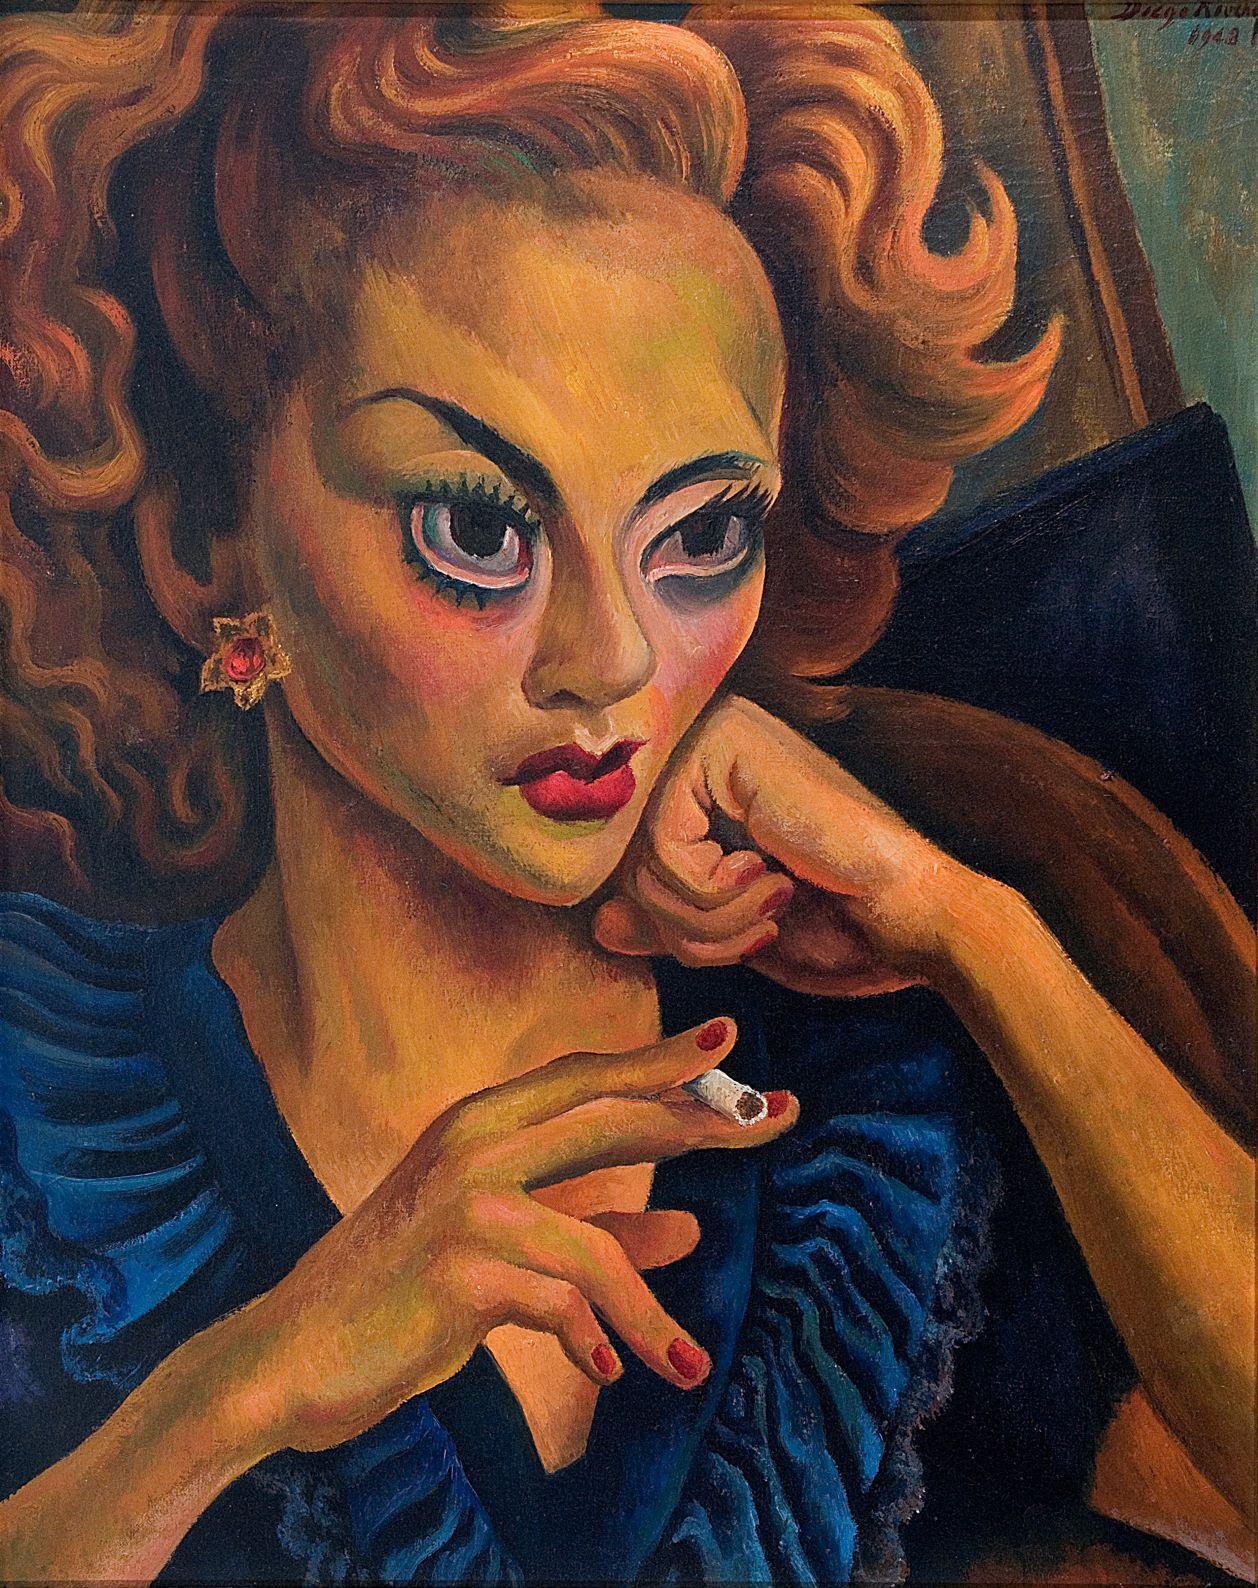 Cuadro de la exposición Diego Rivera, artista universal en Casa México Madrid